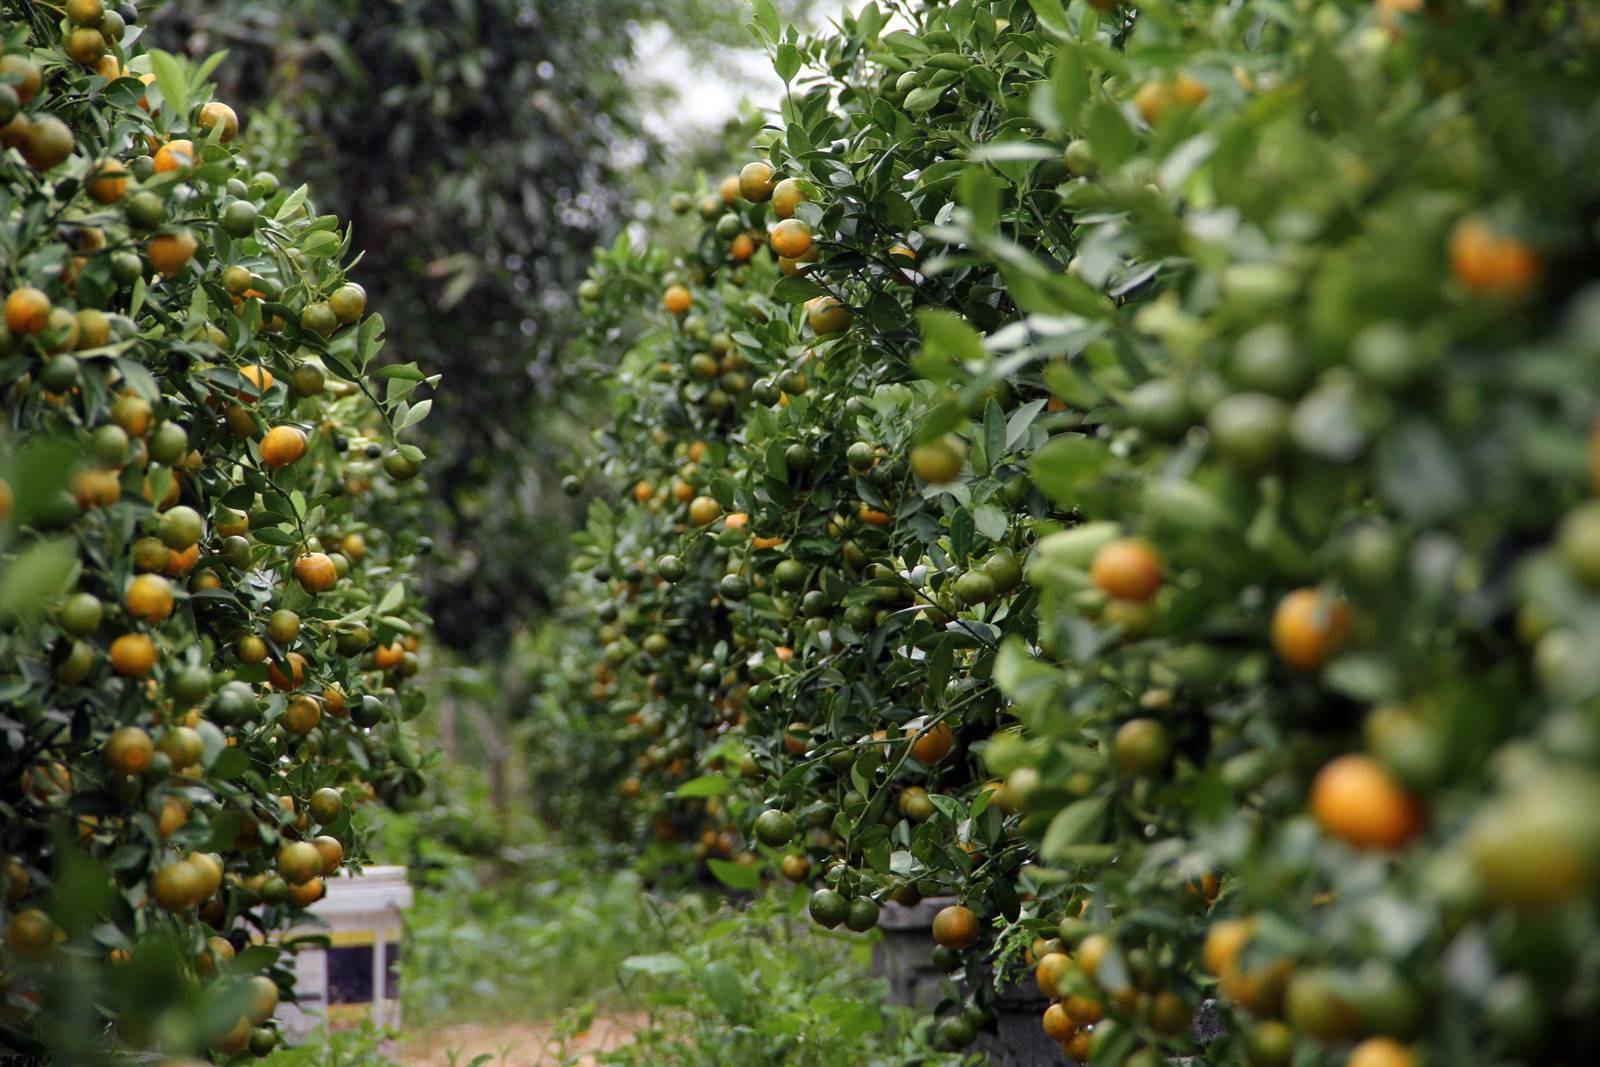 Giáp Tết: Về Phú Yên ngắm vườn quất vàng óng thu tiền triệu - Ảnh 1.